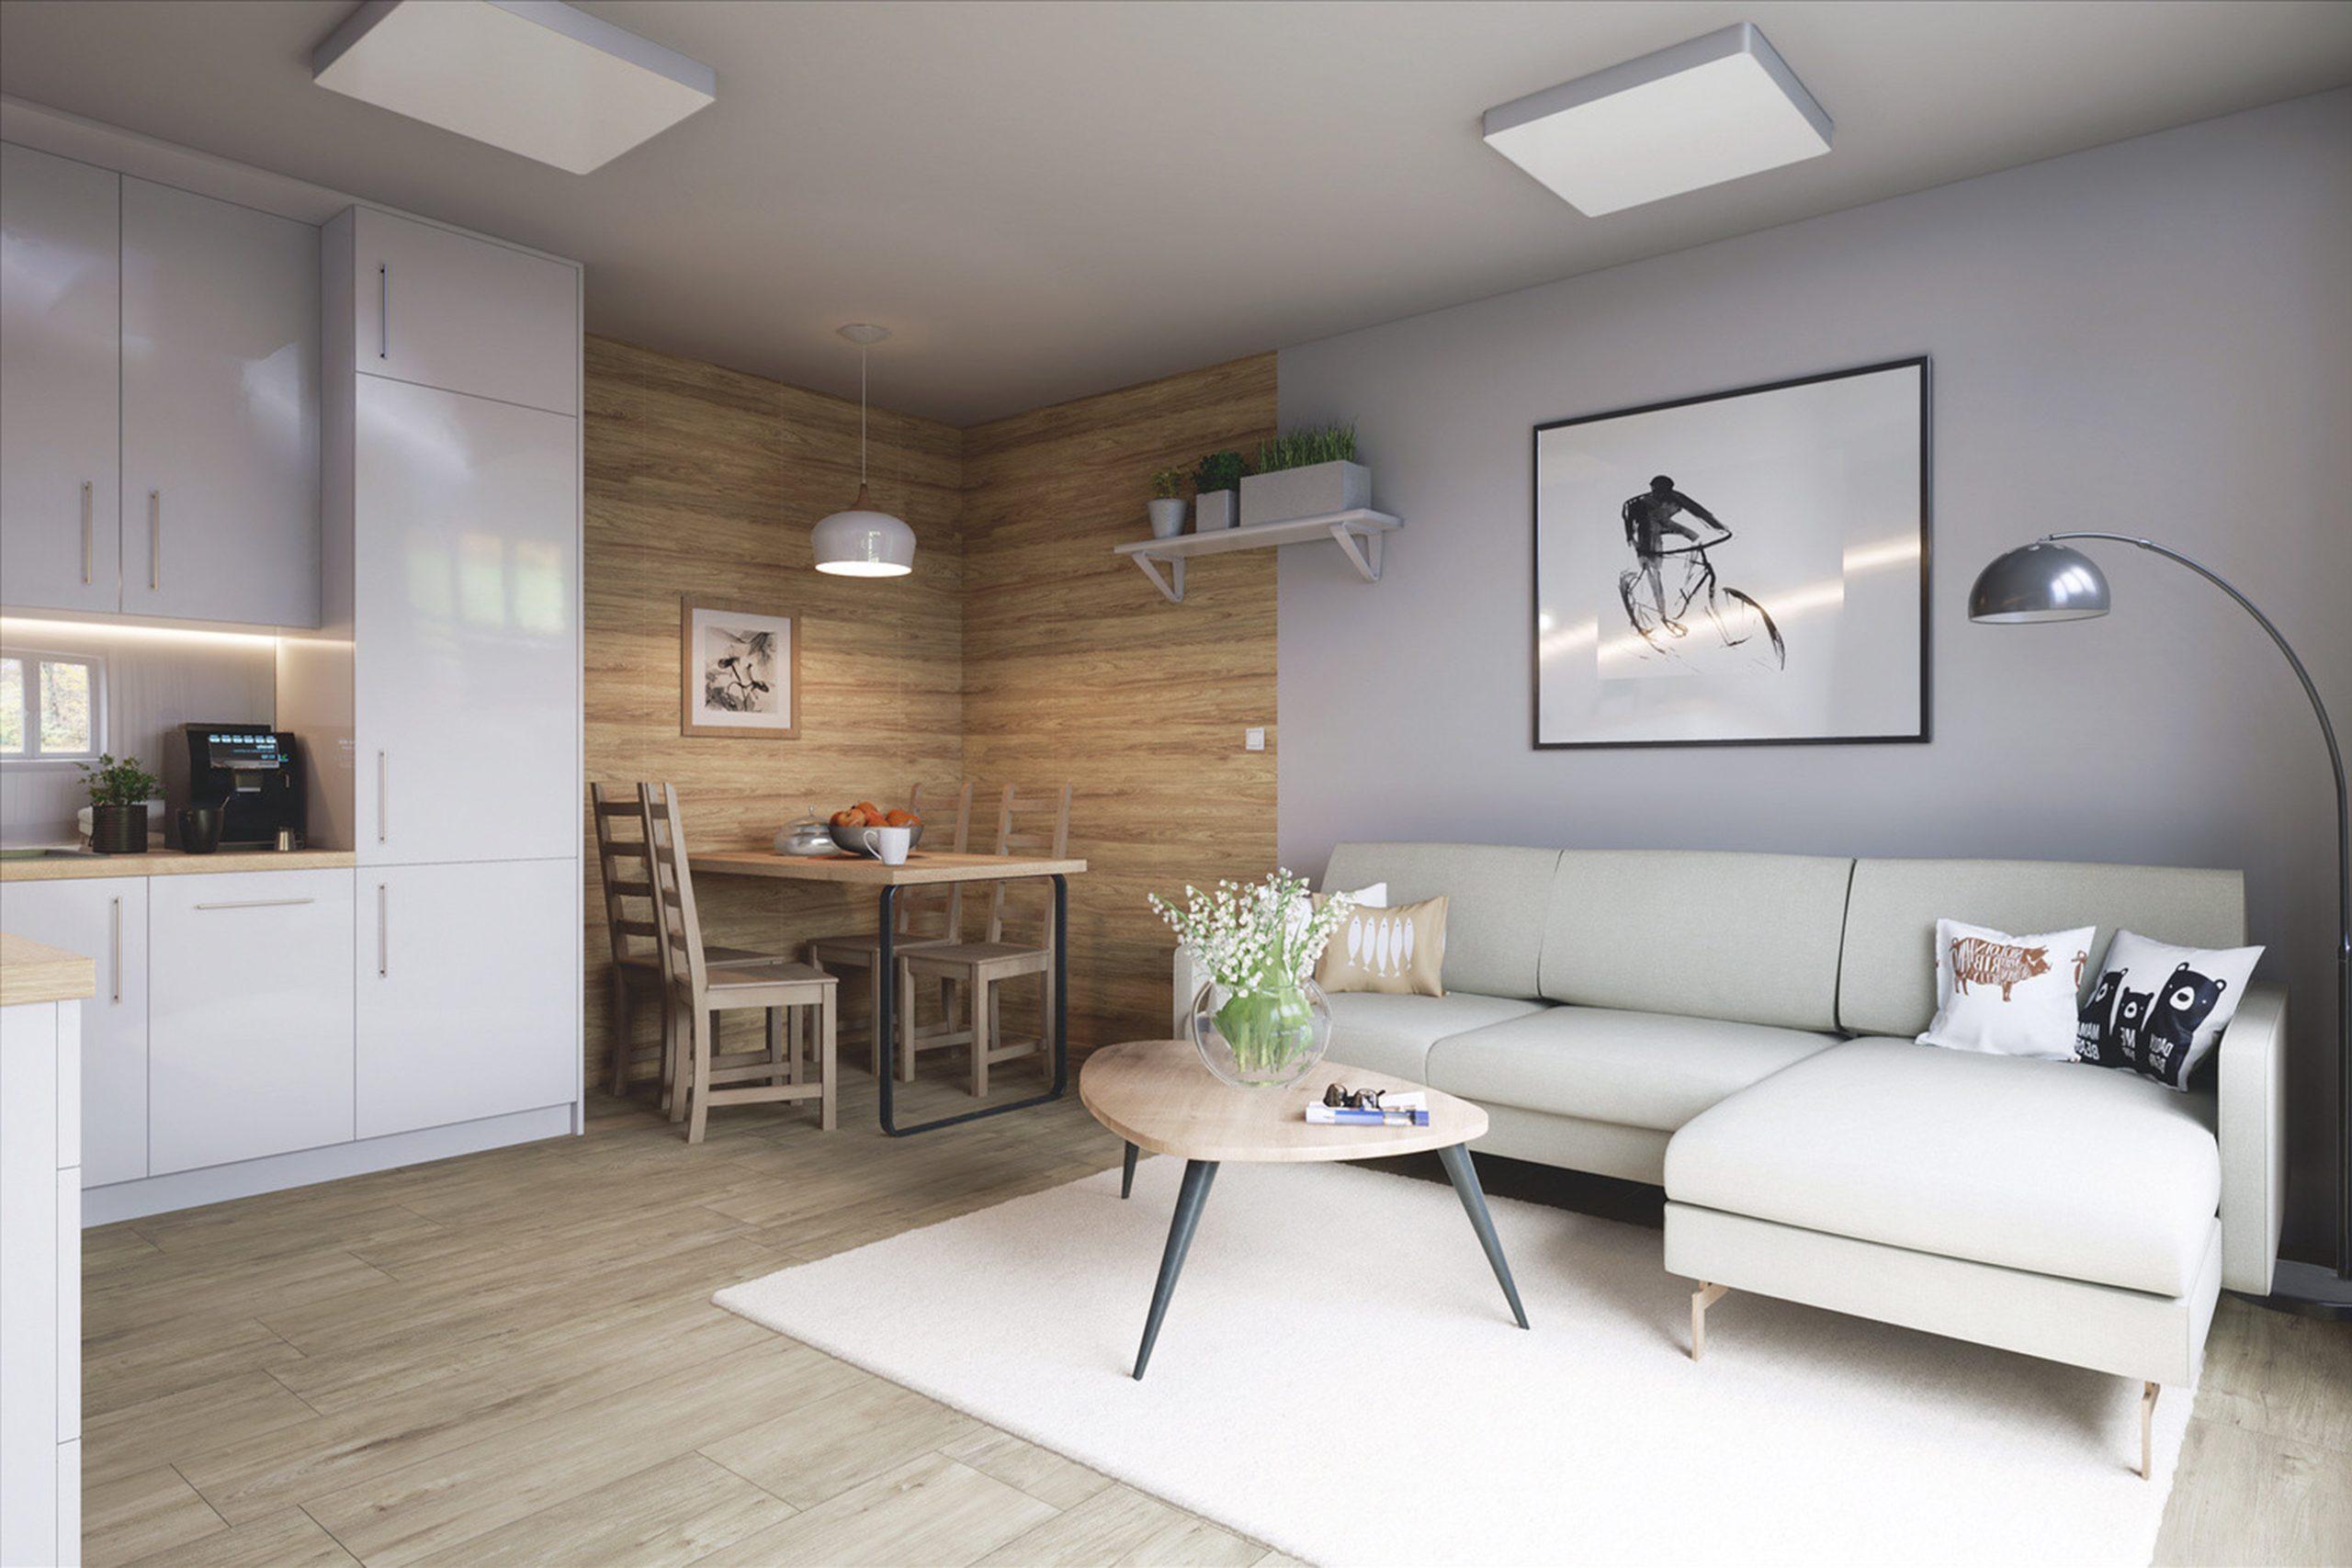 Kleine Wohnung einrichten – 21 Tipps wie du am besten Platz sparen ...